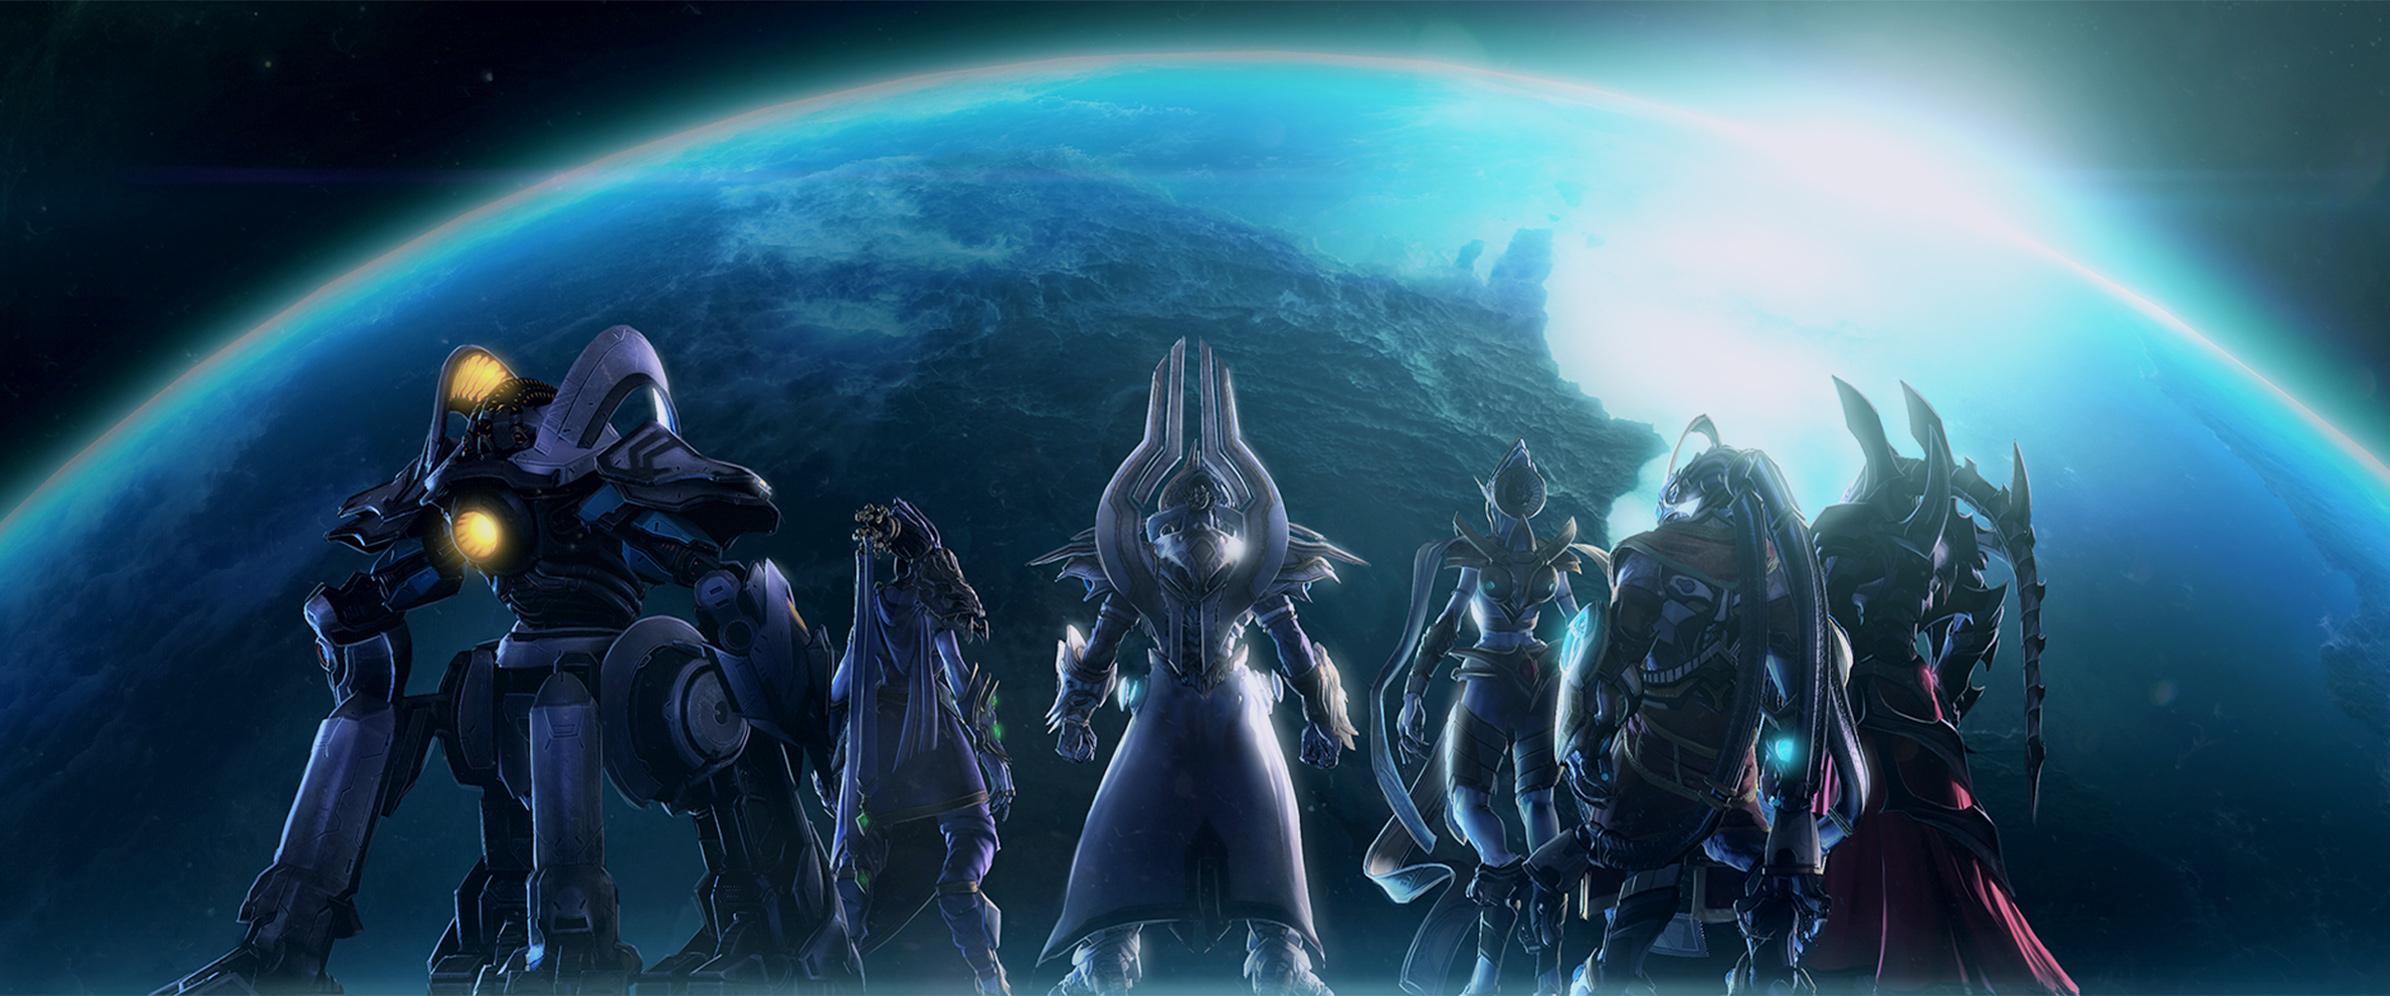 StarCraft II Offizielle Communityseite